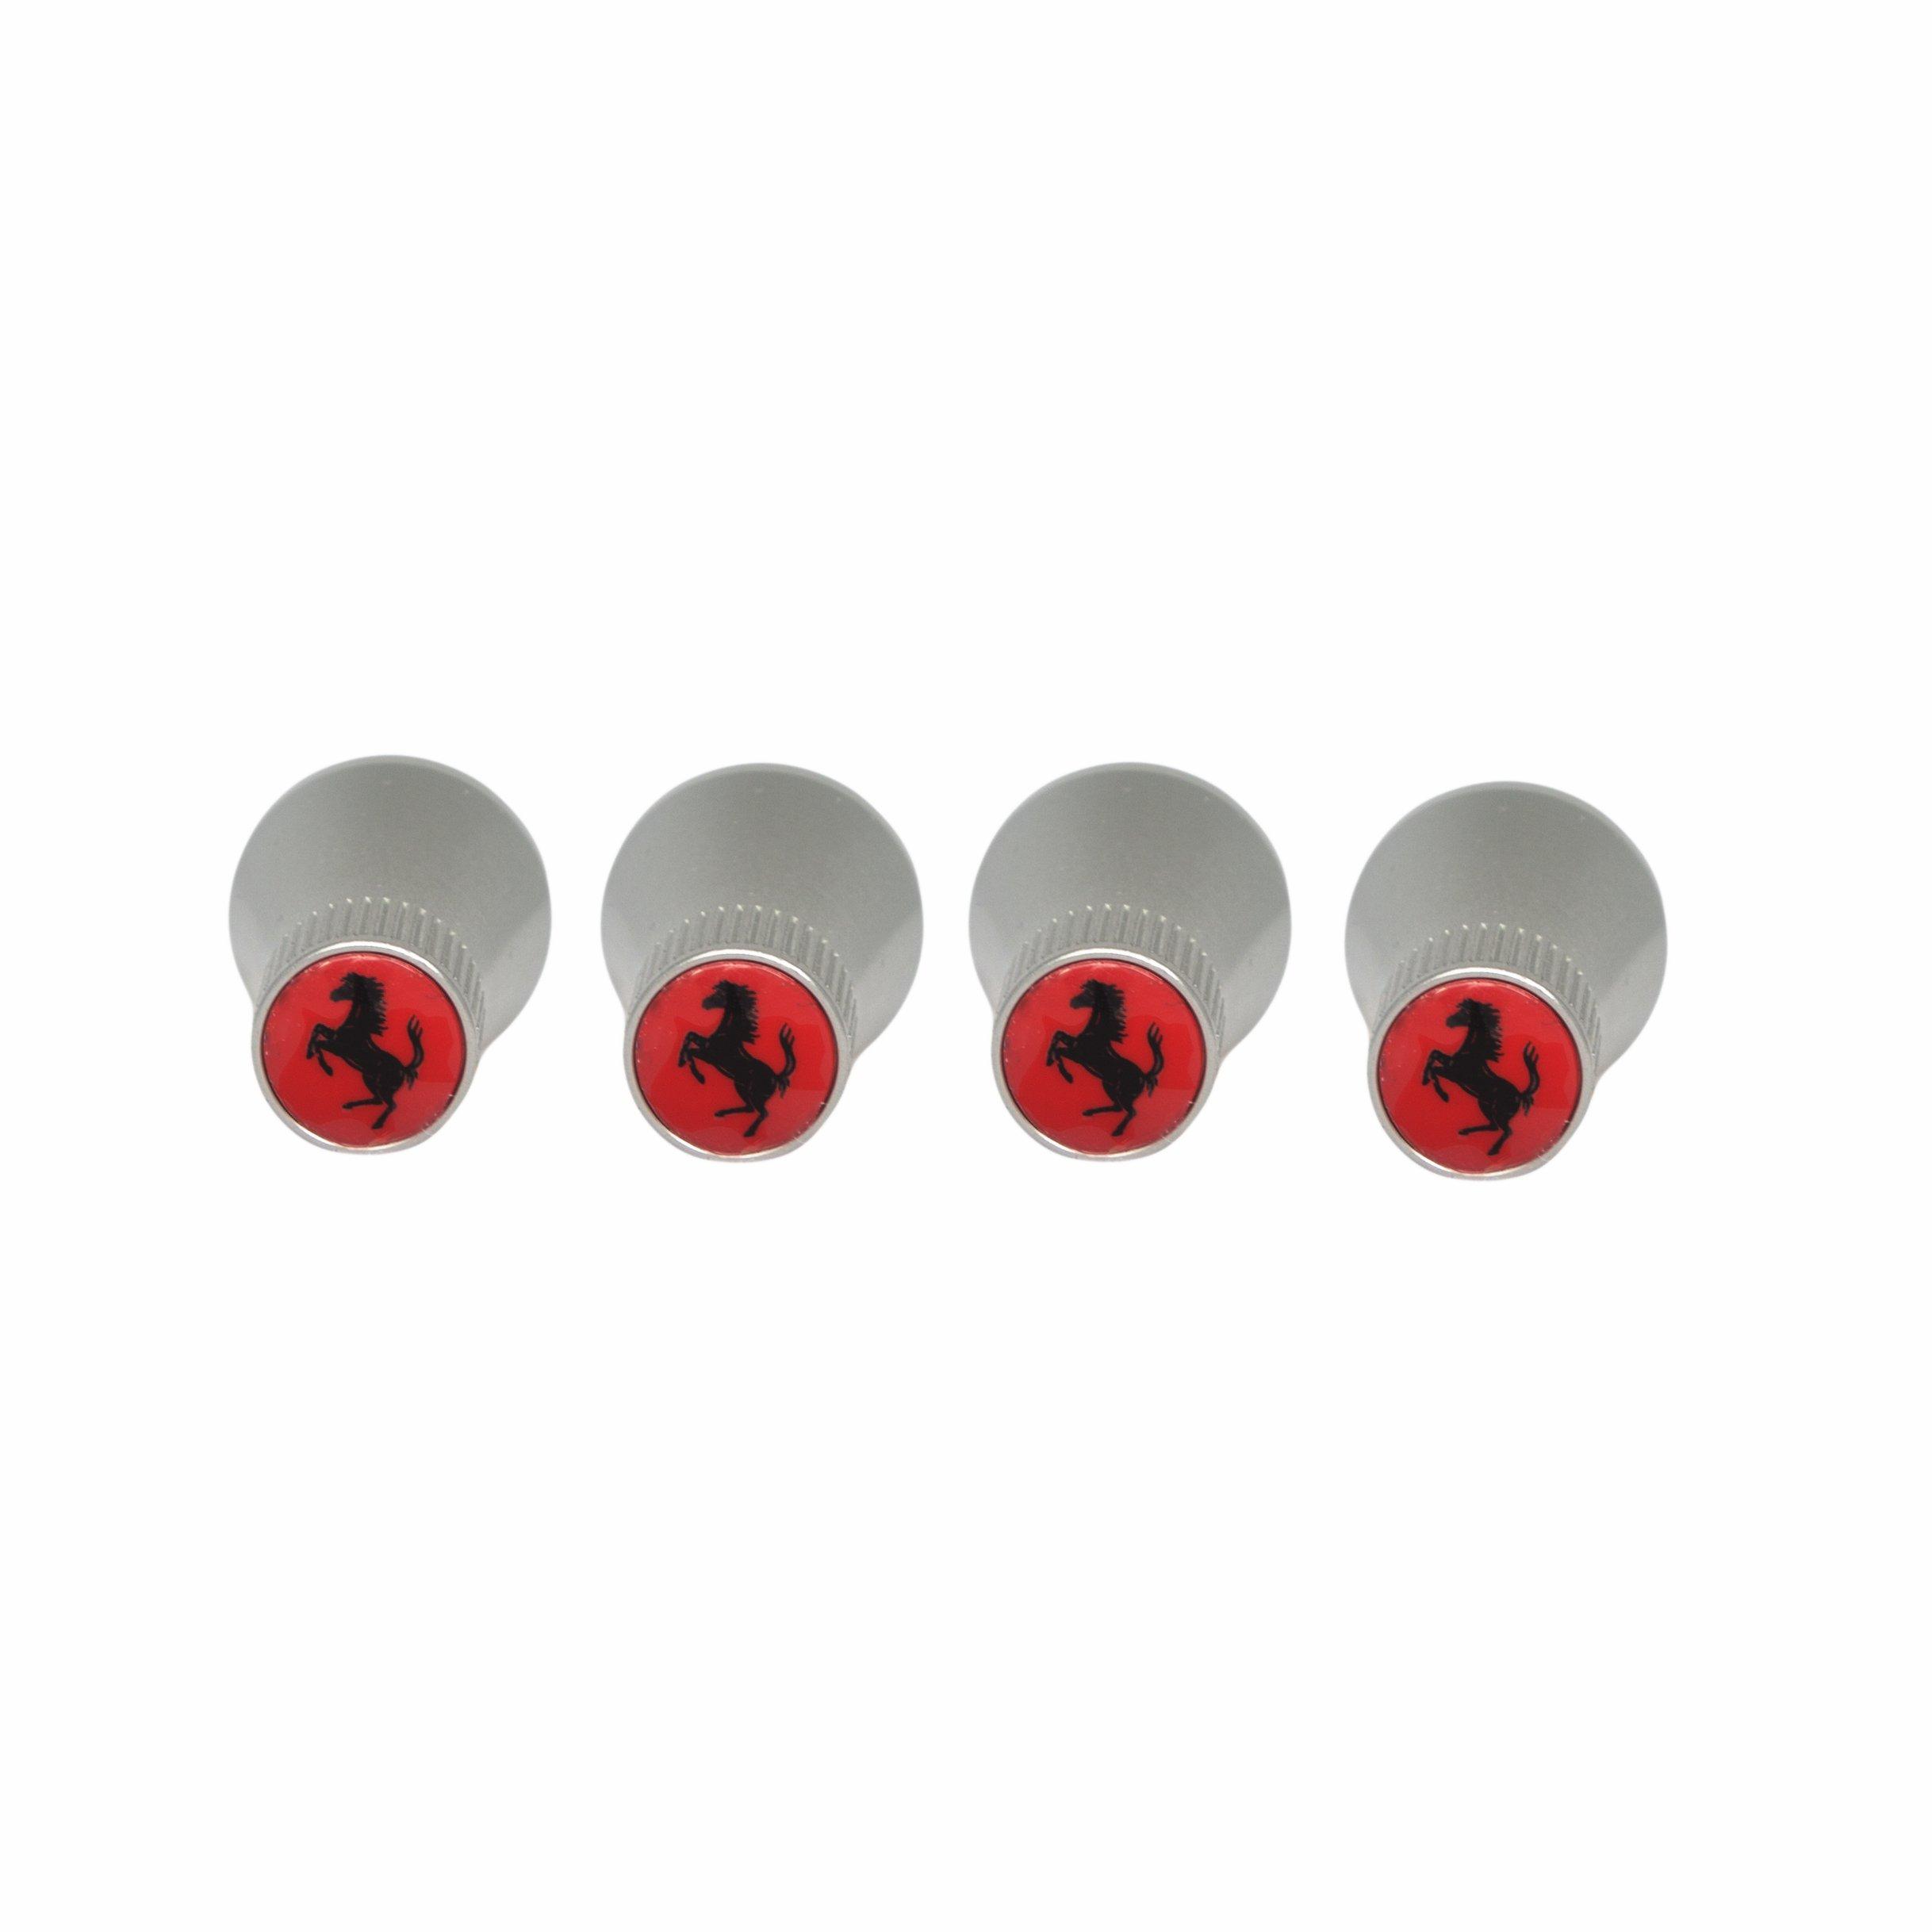 Ferrari Tire Valve Cone Caps/Stem Caps in Red